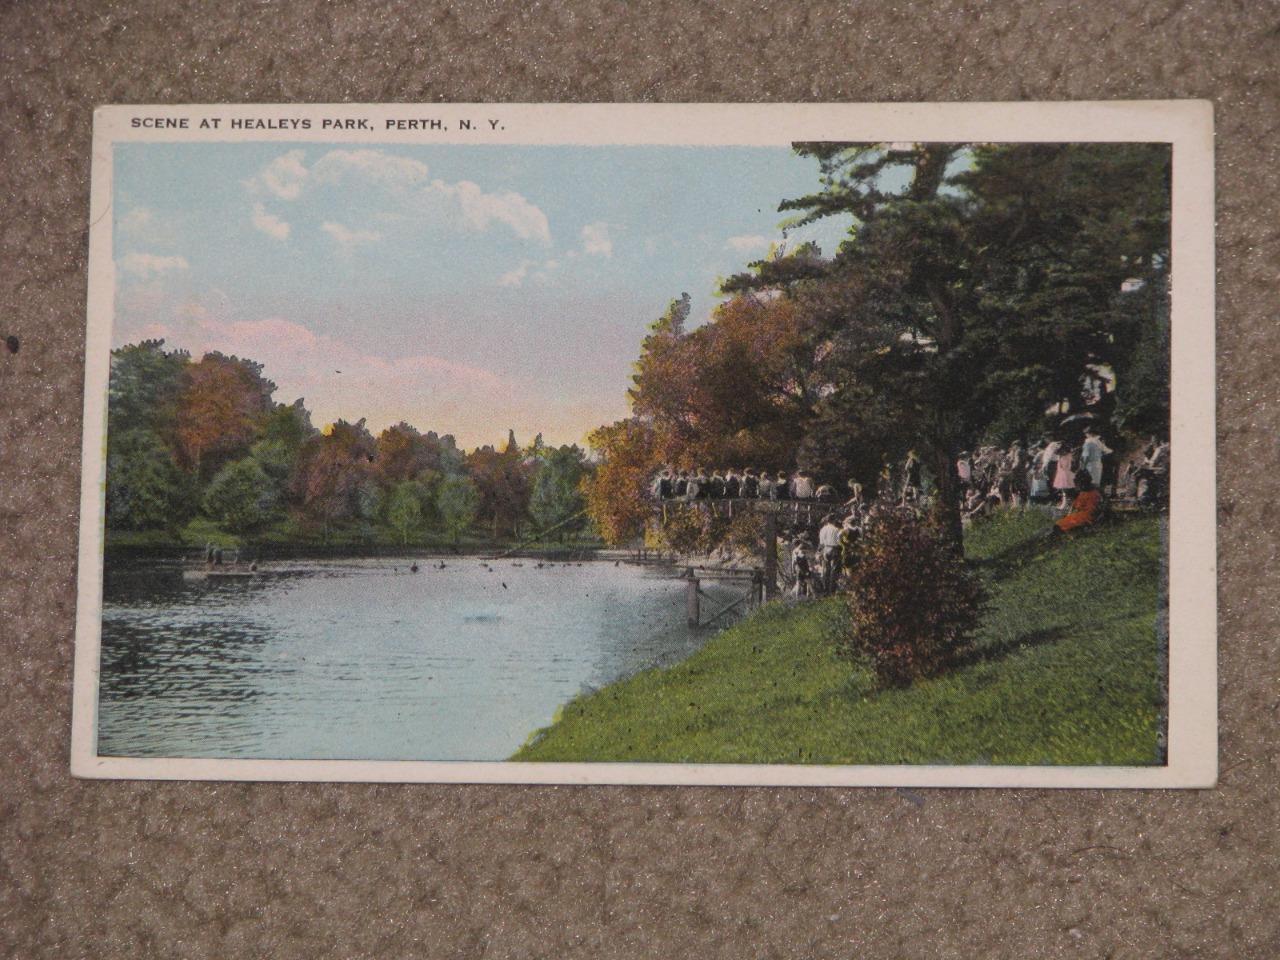 Scene at Healeys Park, Perth, N.Y., unused vintage card